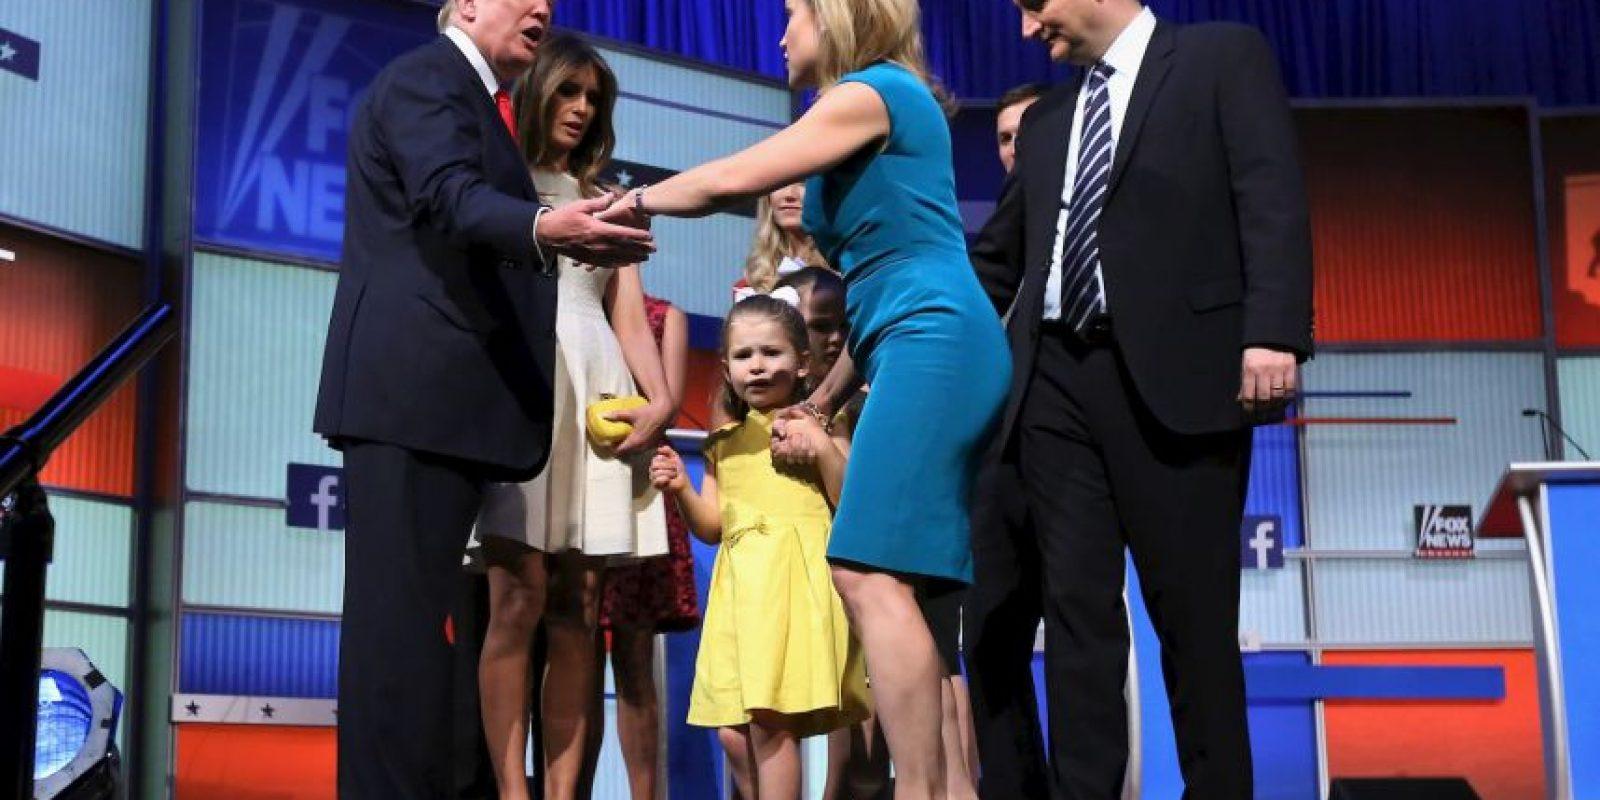 El 23% de los partidarios republicanos votarían por Trump. Le sigue Ted Cruz con el 13%, Ben Carson con el 11% y Carly Fiorina y Marco Rubio con el 8%. Foto:Getty Images